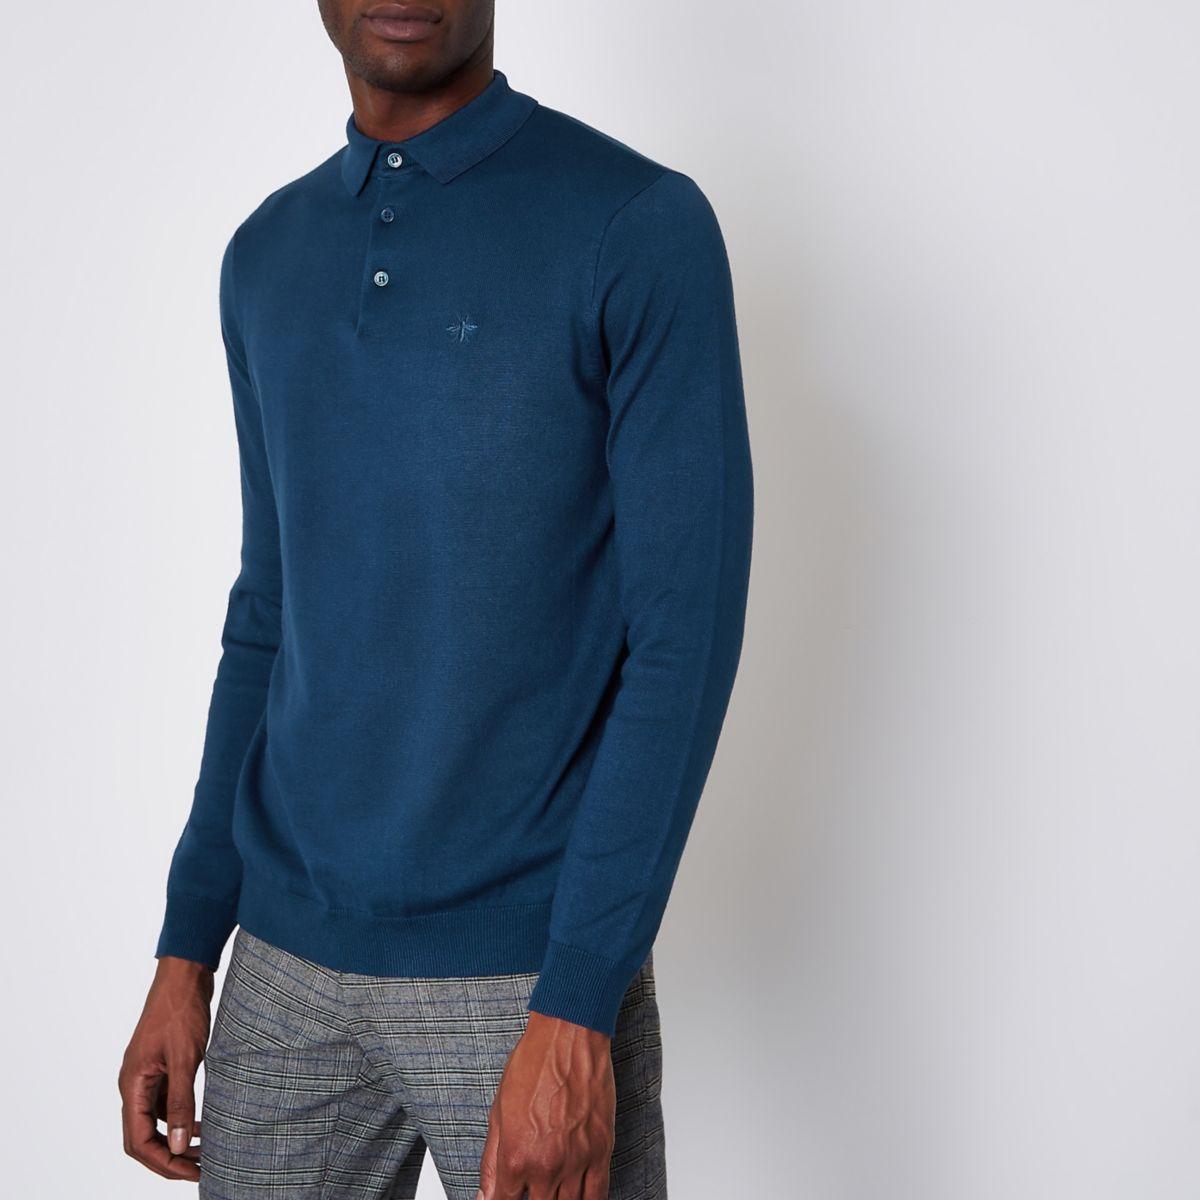 Blaues, langärmeliges Poloshirt in Slim Fit